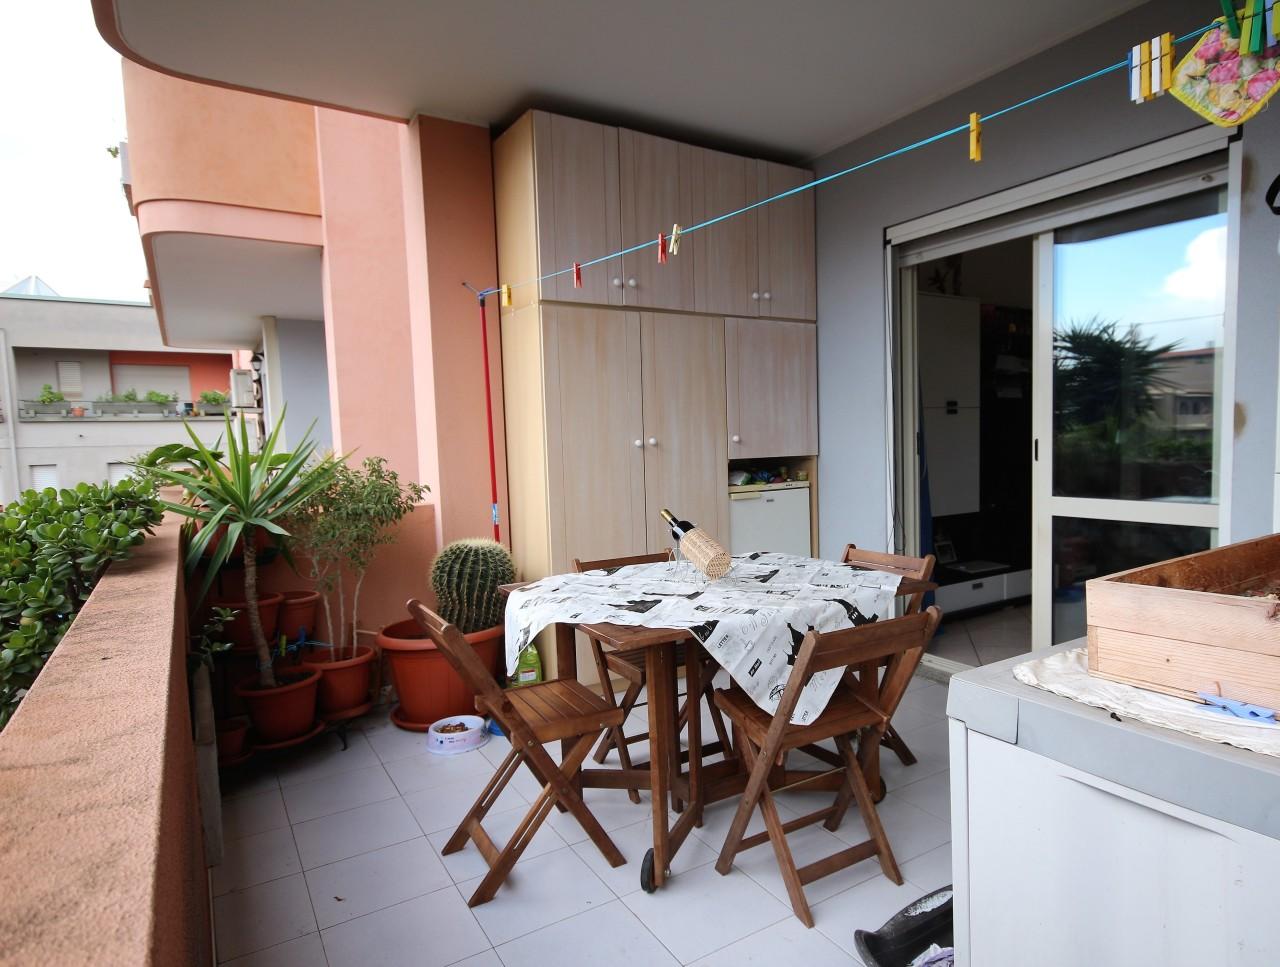 Appartamento in vendita a Sinnai, 3 locali, prezzo € 102.000 | Cambio Casa.it